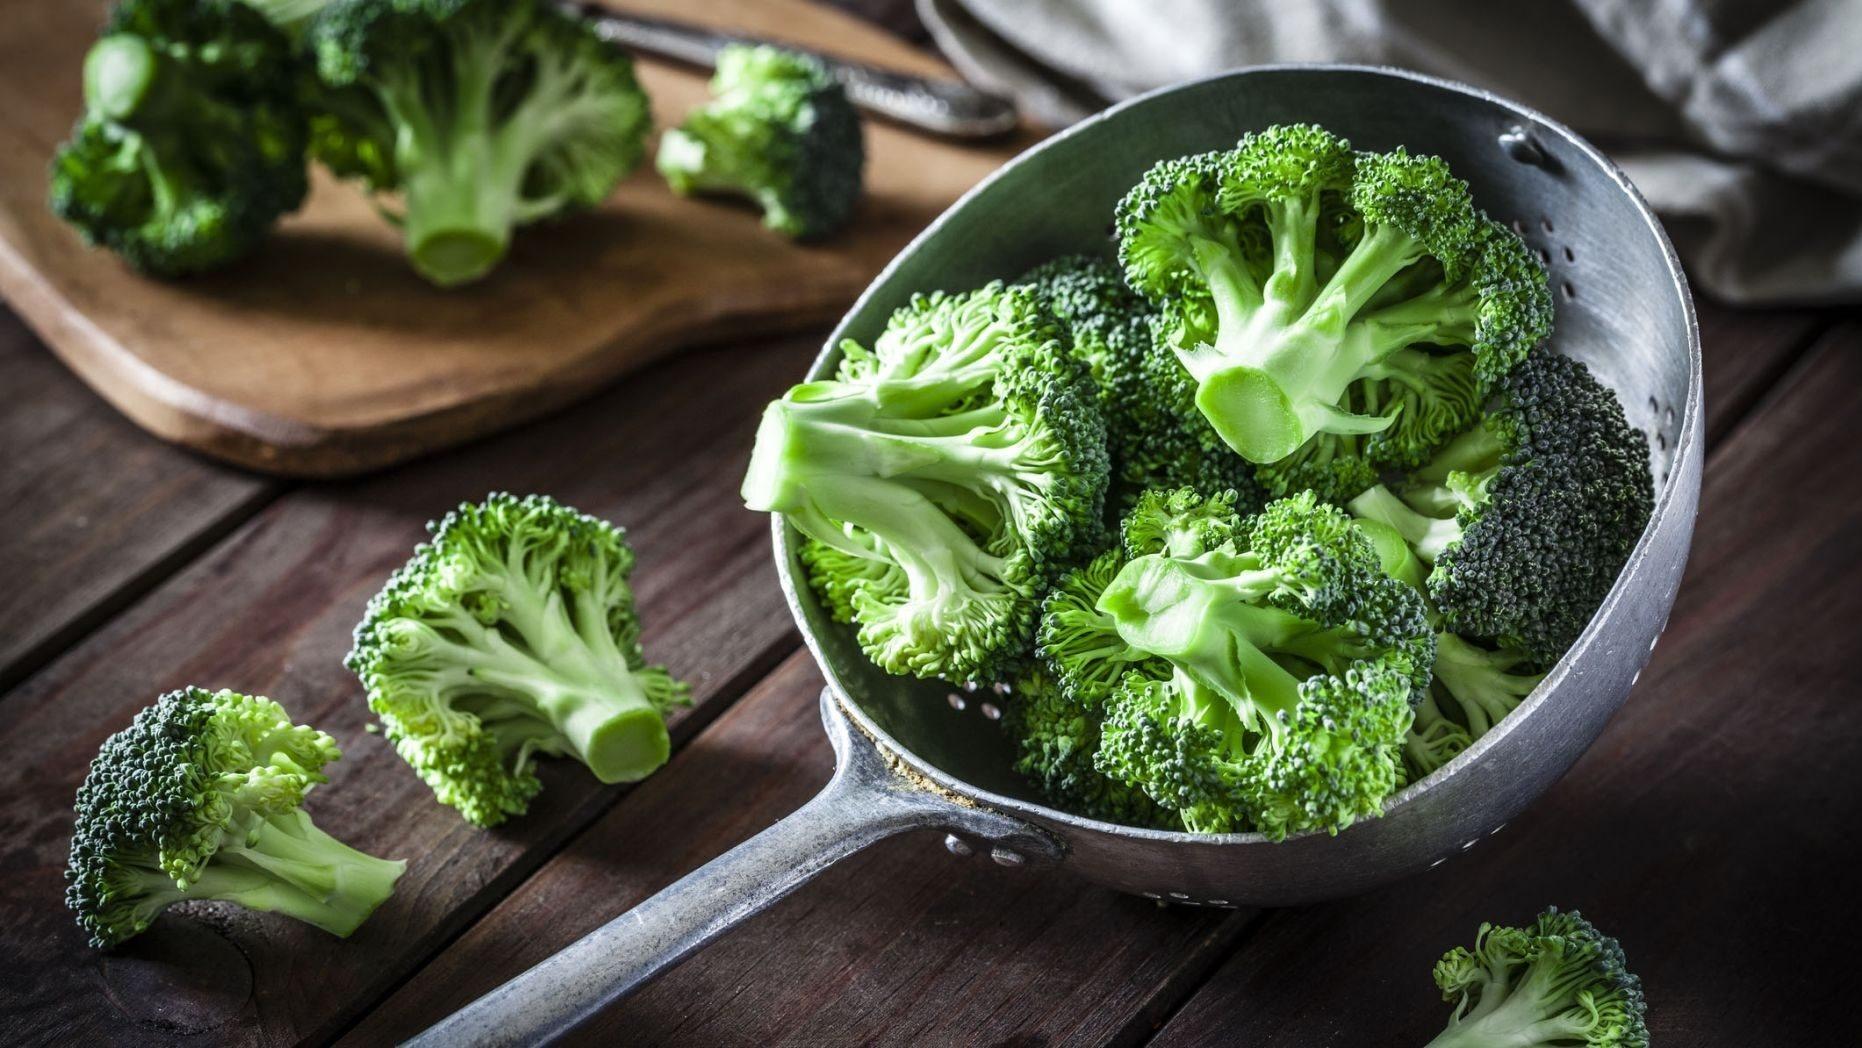 bông cải xanh tiêu diệt tế bào ưng thư